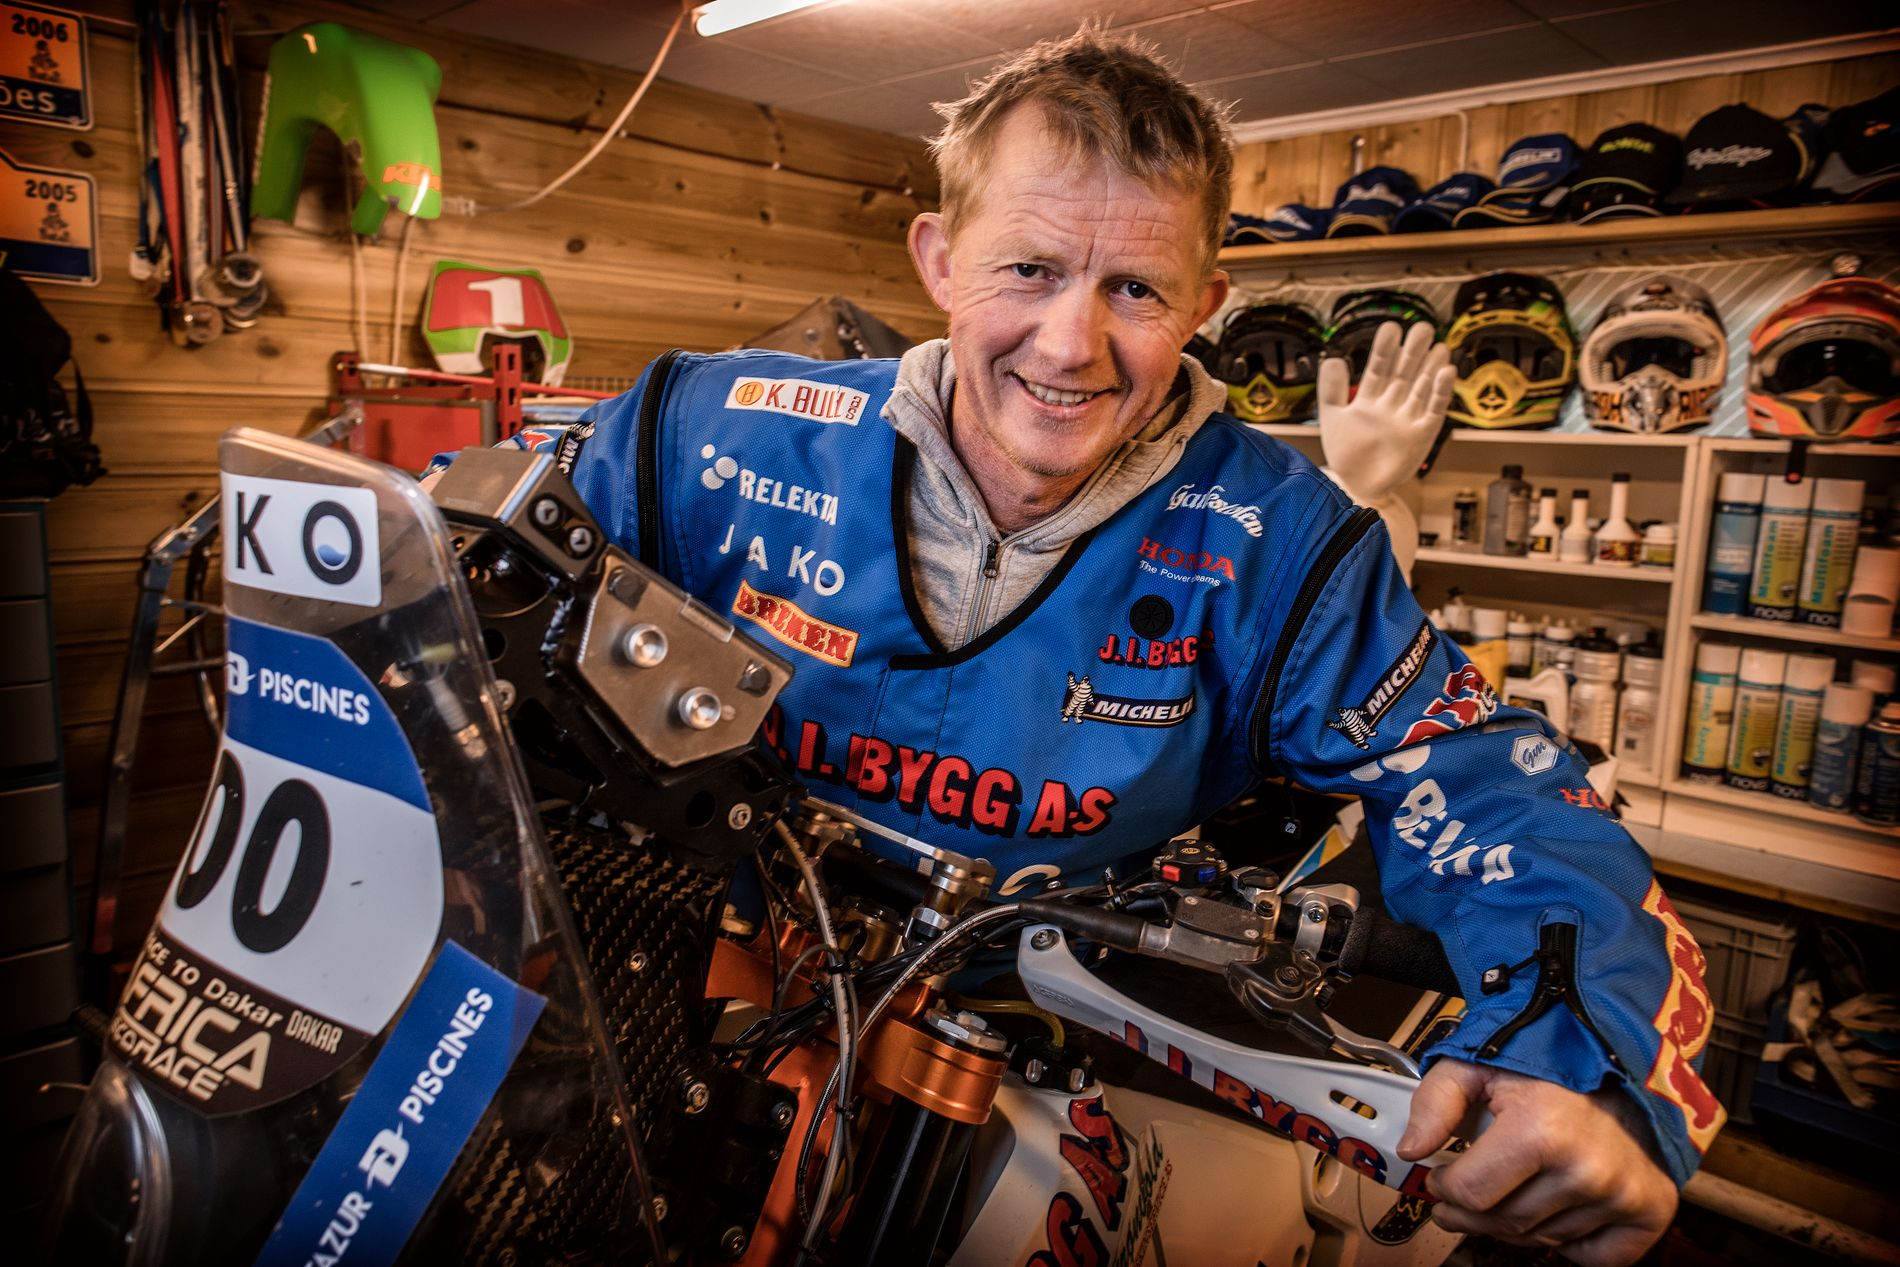 HJEMMEVERKSTED:  Noen har hjemmekontor, Pål Anders Ullevål har hjemme verksted. Her står motorsyklene hans på rekke og rad. Men nå er han først og fremst landslagtrener i enduro.